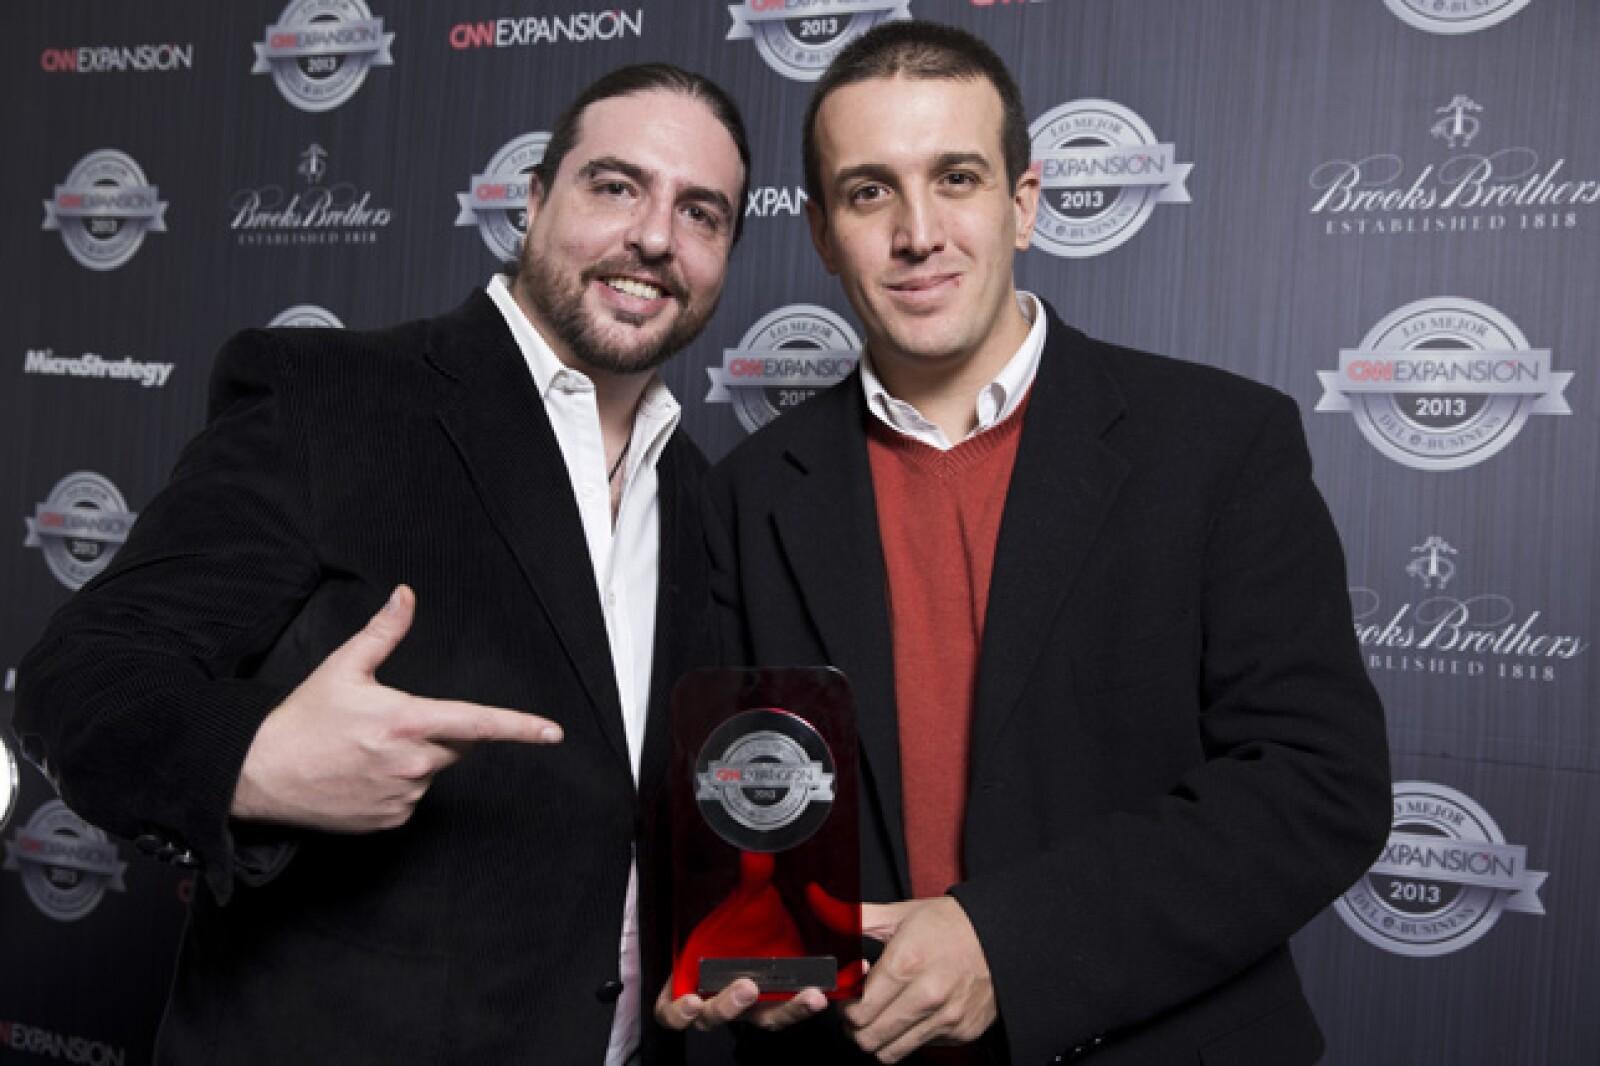 Diego Rendón y Juan Carlos Cardozo, community manager y country manager de Taxibeat México, recibieron el galardón de Premios CNNExpansión a la Mejor App.  En 2013, un total de 28 finalistas aspiraron al reconocimiento.